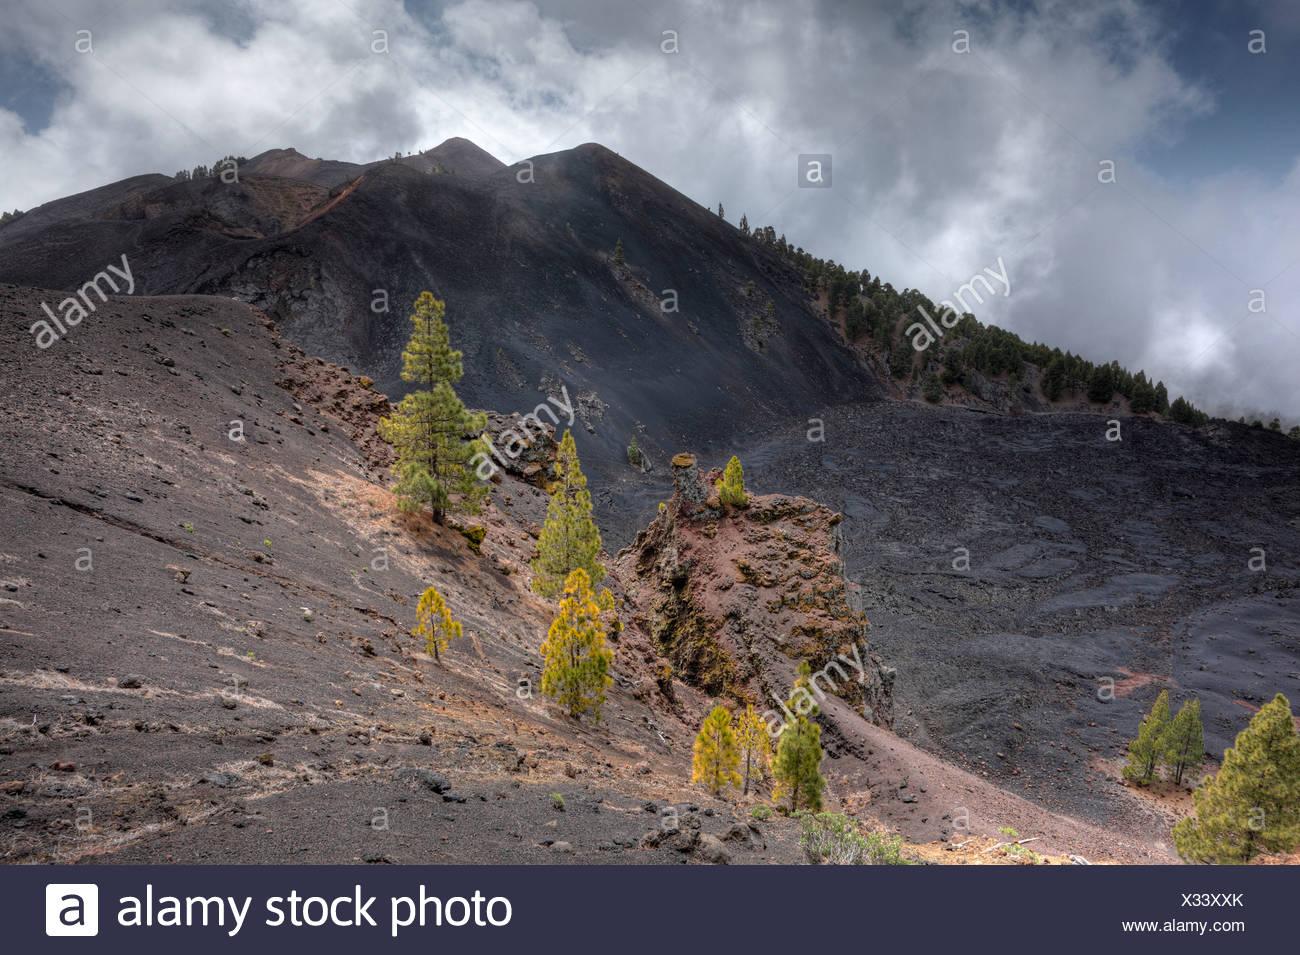 Duraznero volcano, field of lava of the San Juan eruption, 'Ruta de los Volcanes, Volcano Route, La Palma, Canary Islands, Spai - Stock Image